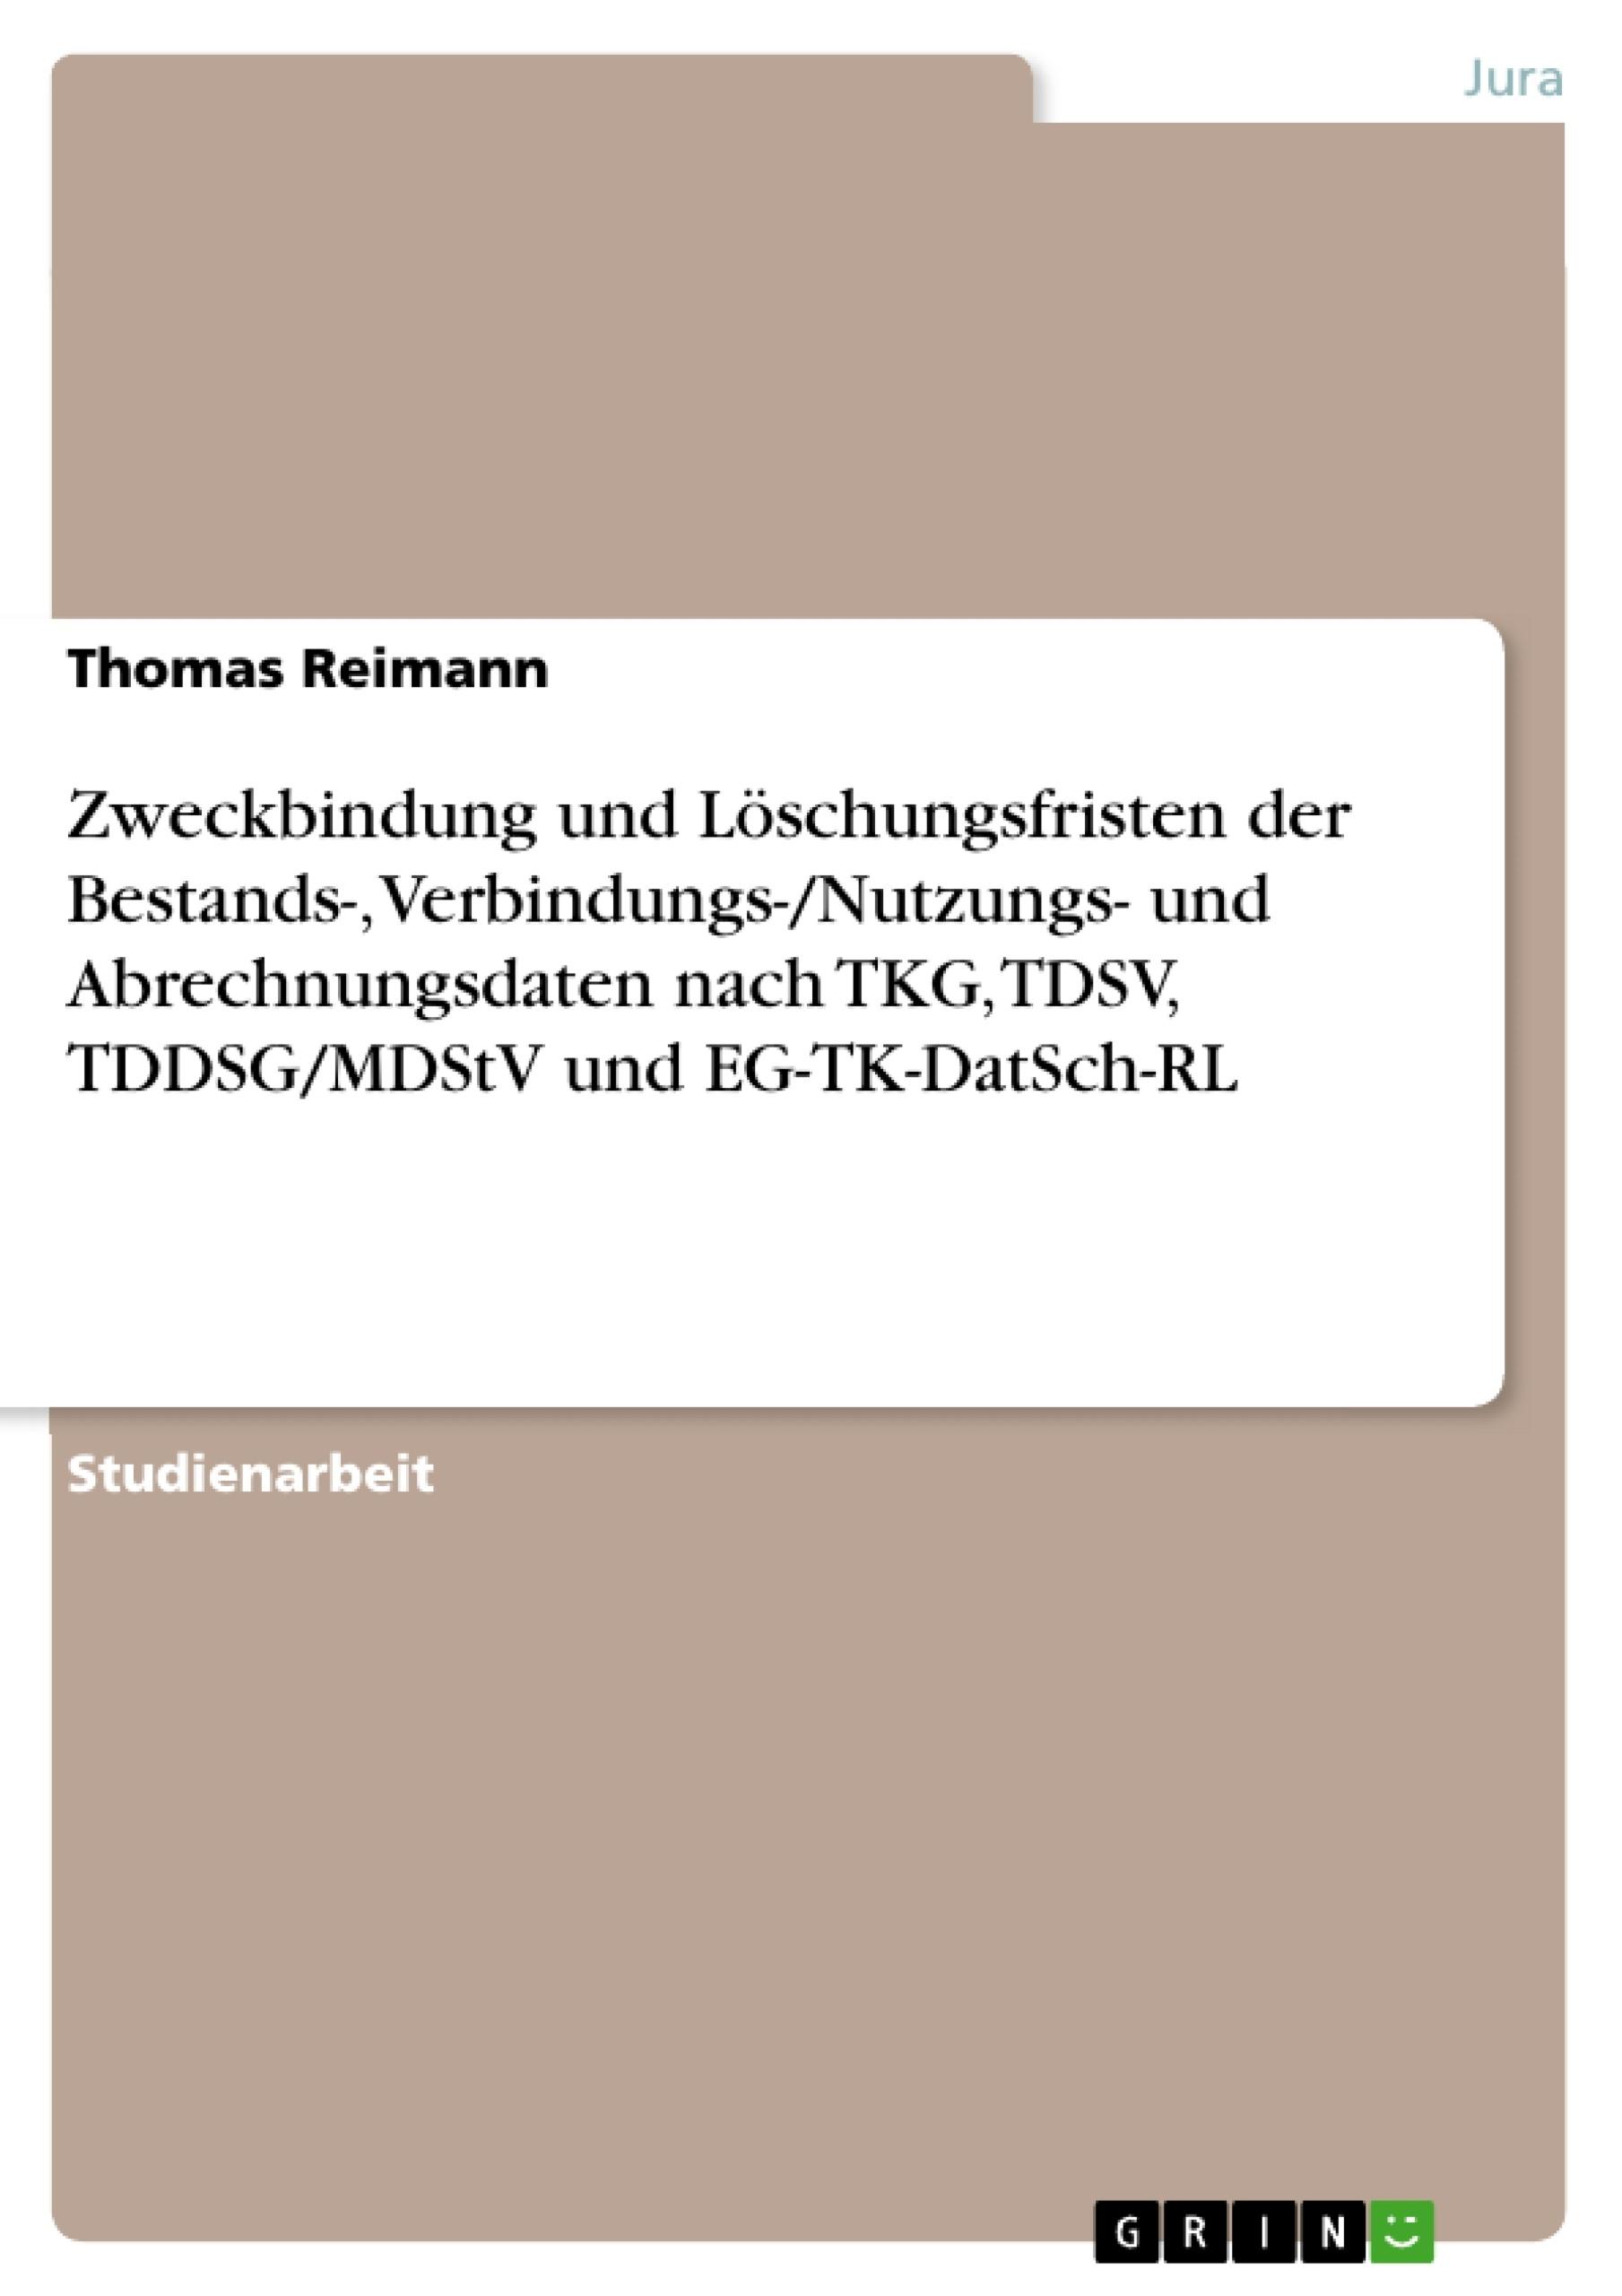 Titel: Zweckbindung und Löschungsfristen der Bestands-, Verbindungs-/Nutzungs- und Abrechnungsdaten nach TKG, TDSV, TDDSG/MDStV und EG-TK-DatSch-RL